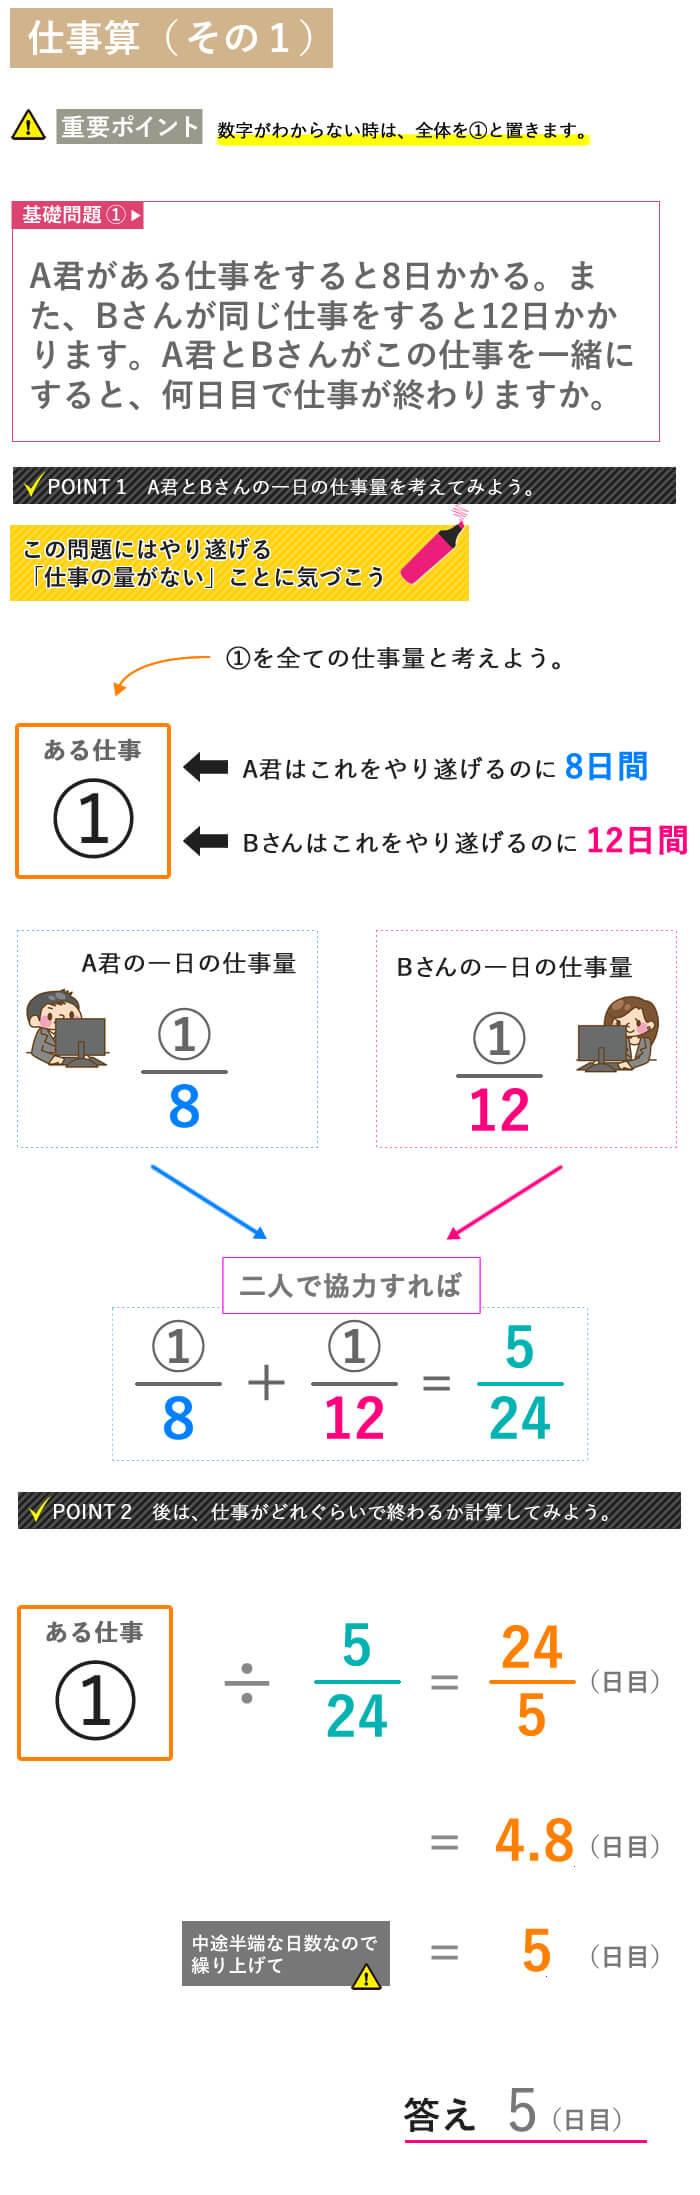 看護予備校大阪KAZアカデミーの看護数学【仕事算 図解説明その1】